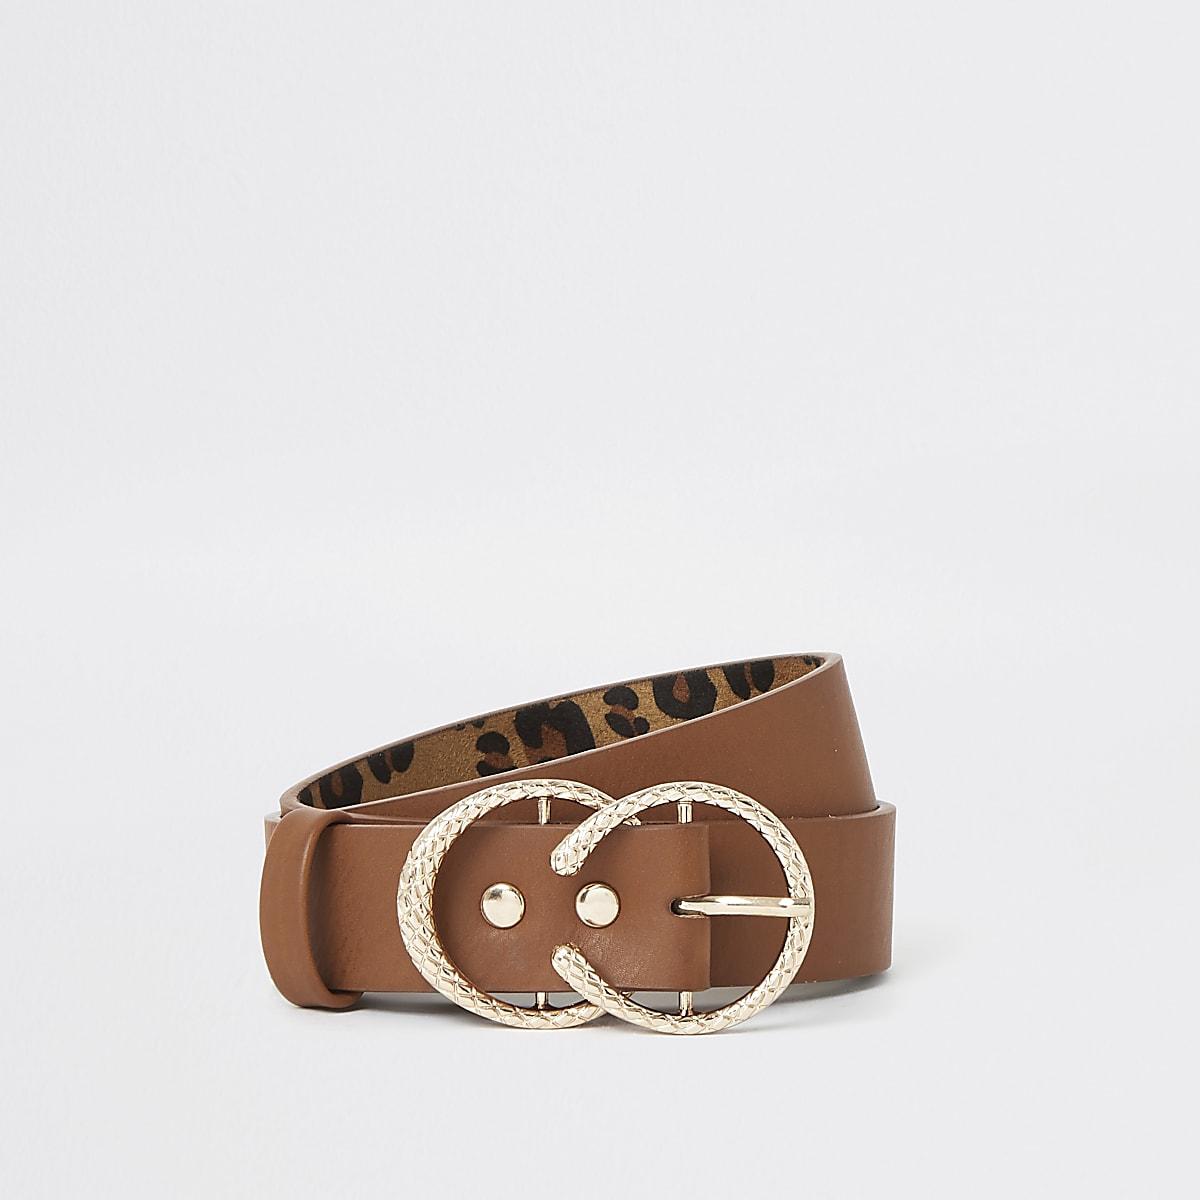 Bruine riem met twee ronde ringen voor meisjes